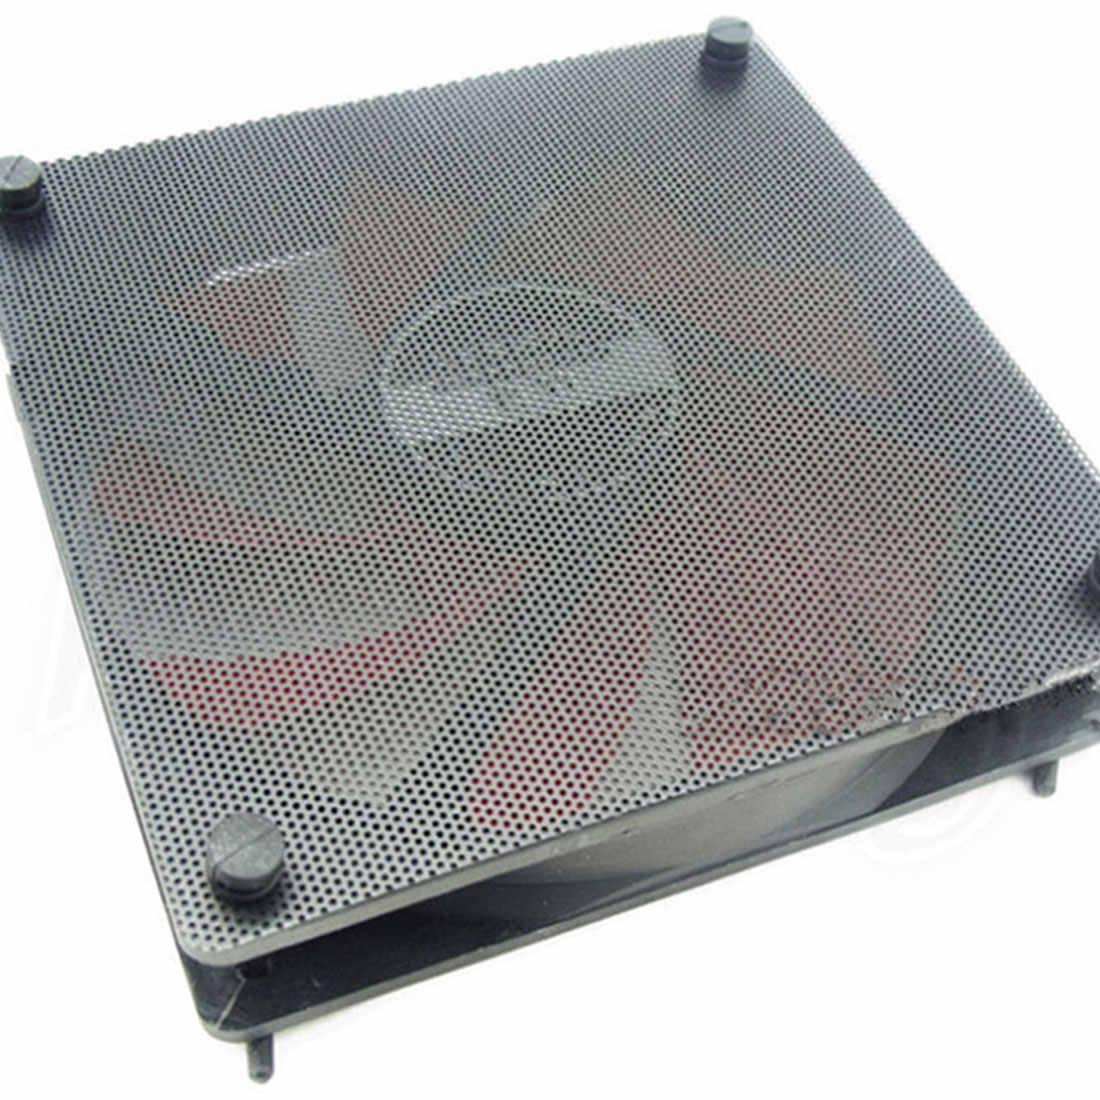 1 шт. 12 см 14 СМ Компьютер ПВХ сетка ПК Корпус Вентилятор Кулер Пылезащитный фильтр чехол пылезащитный чехол шасси пылезащитный чехол 120 мм 140 мм